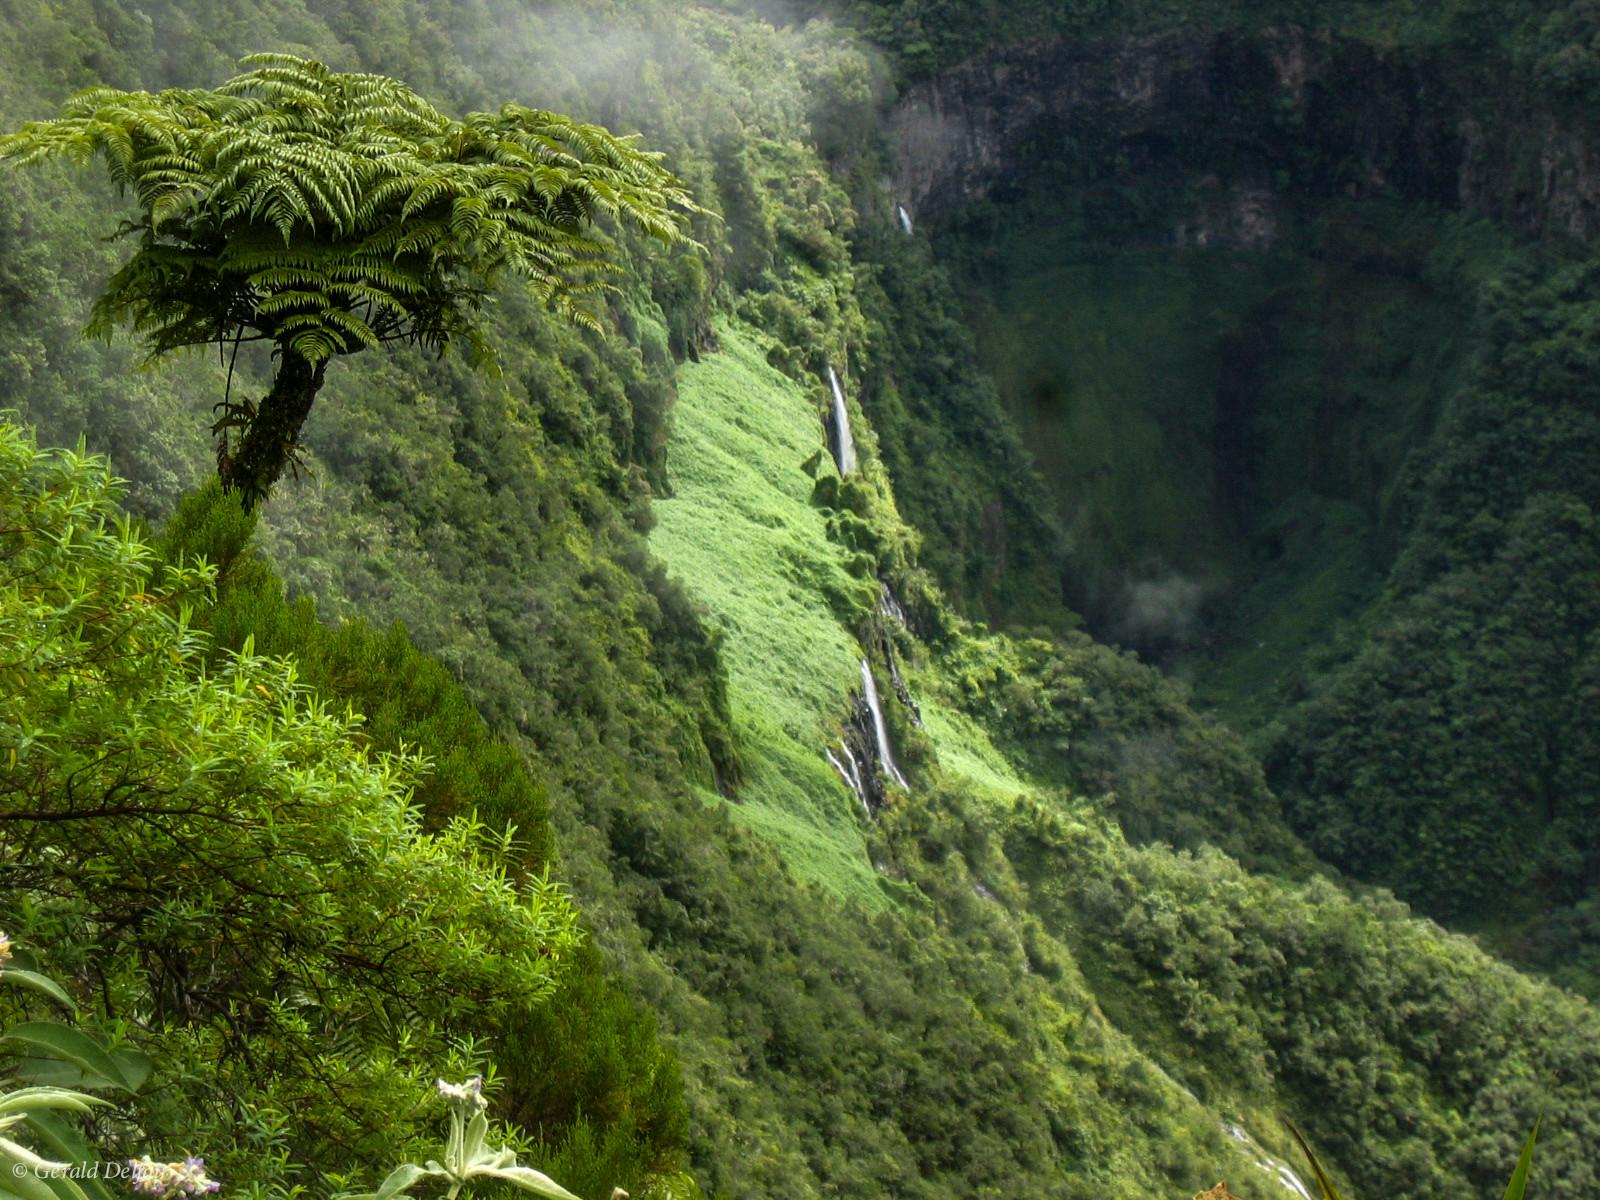 Végétation tropicale, Trou de Fer, Ile de la Réunion